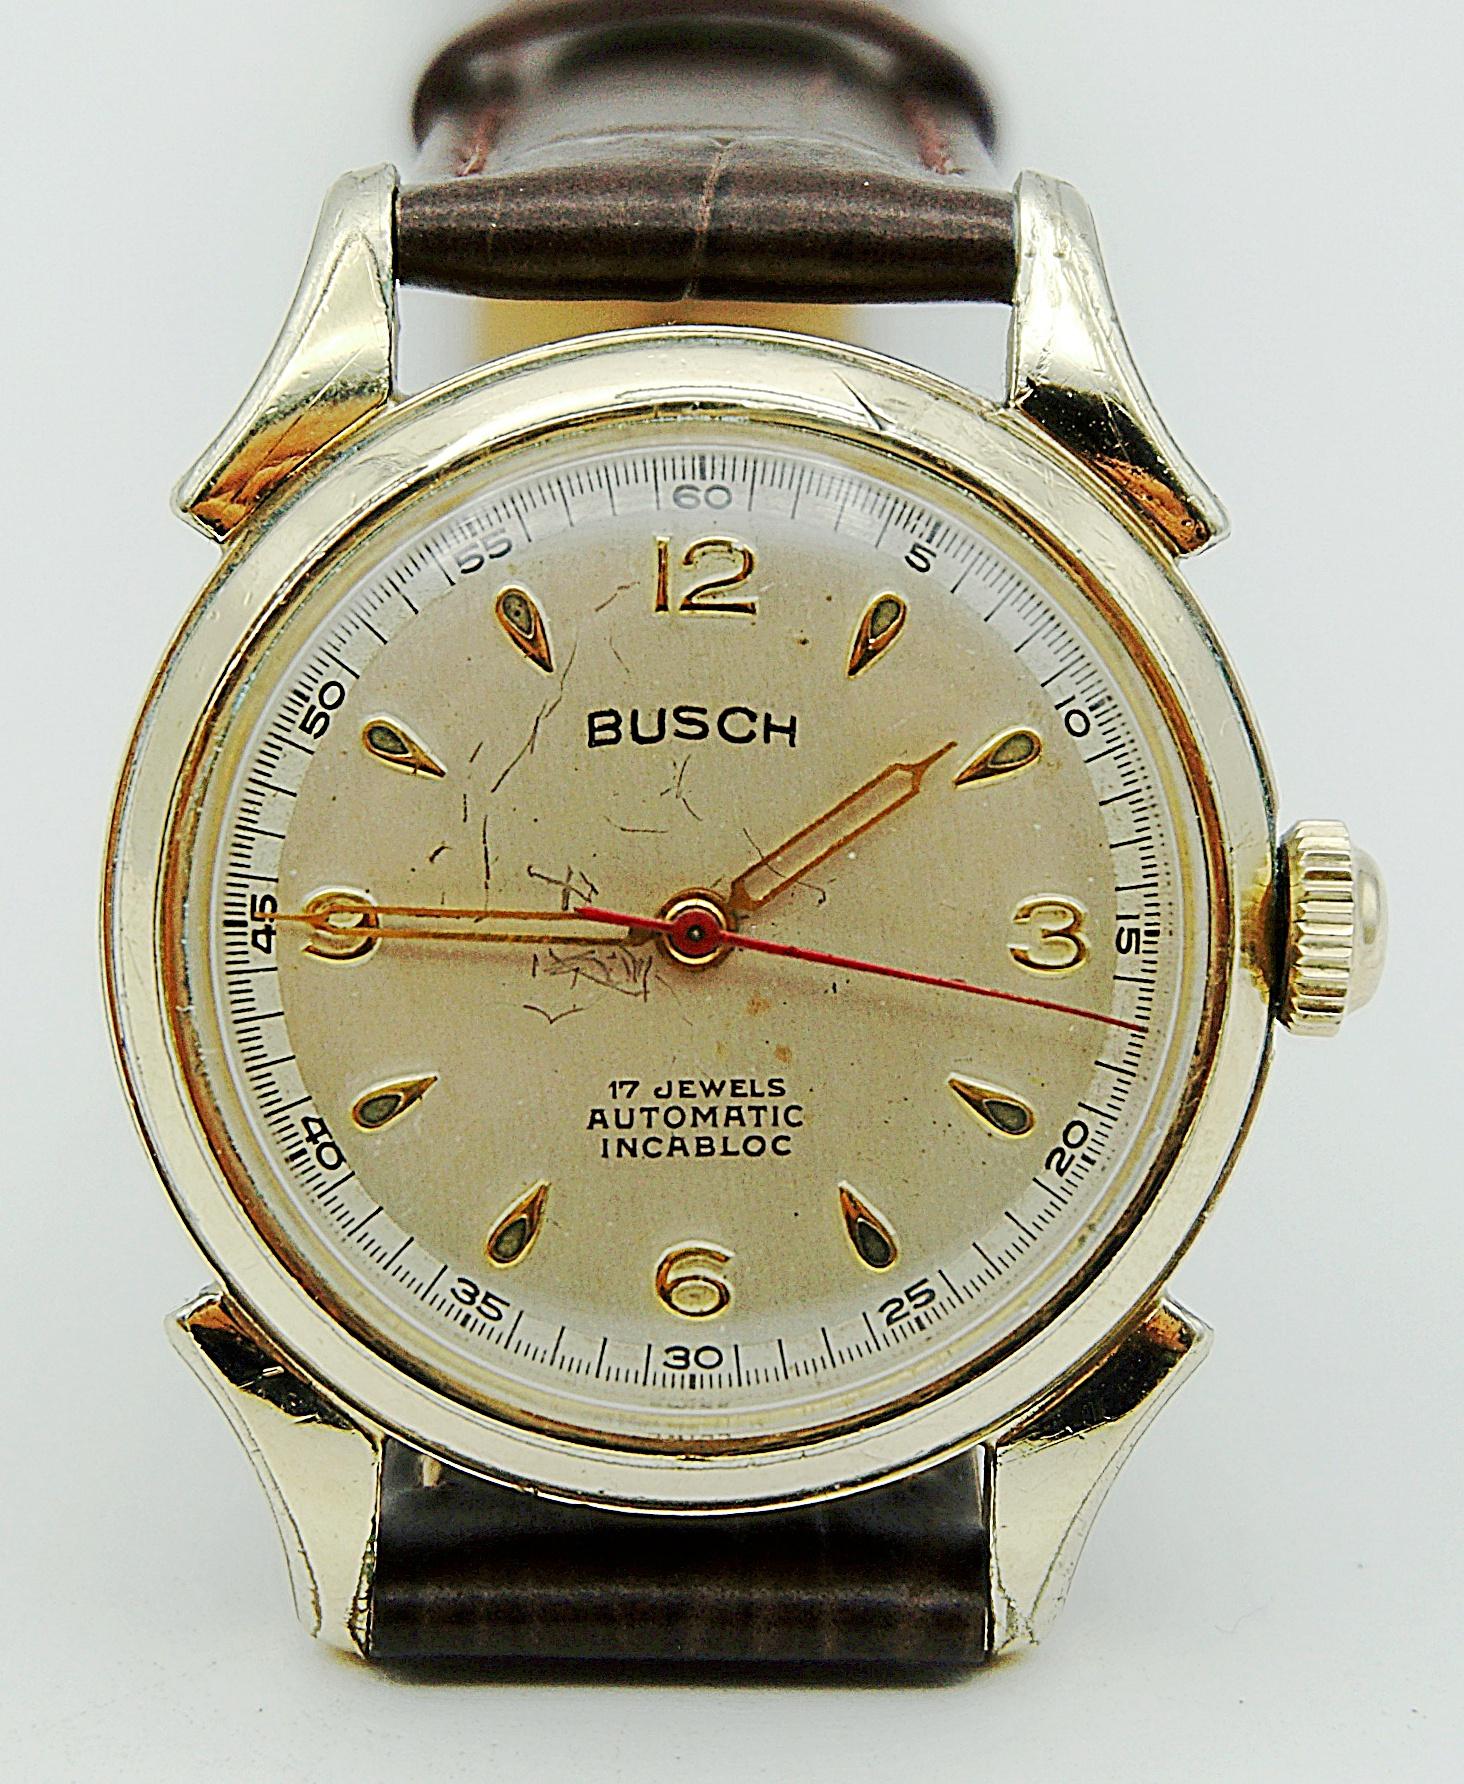 นาฬิกาเก่า BUSCH ออโตเมติก